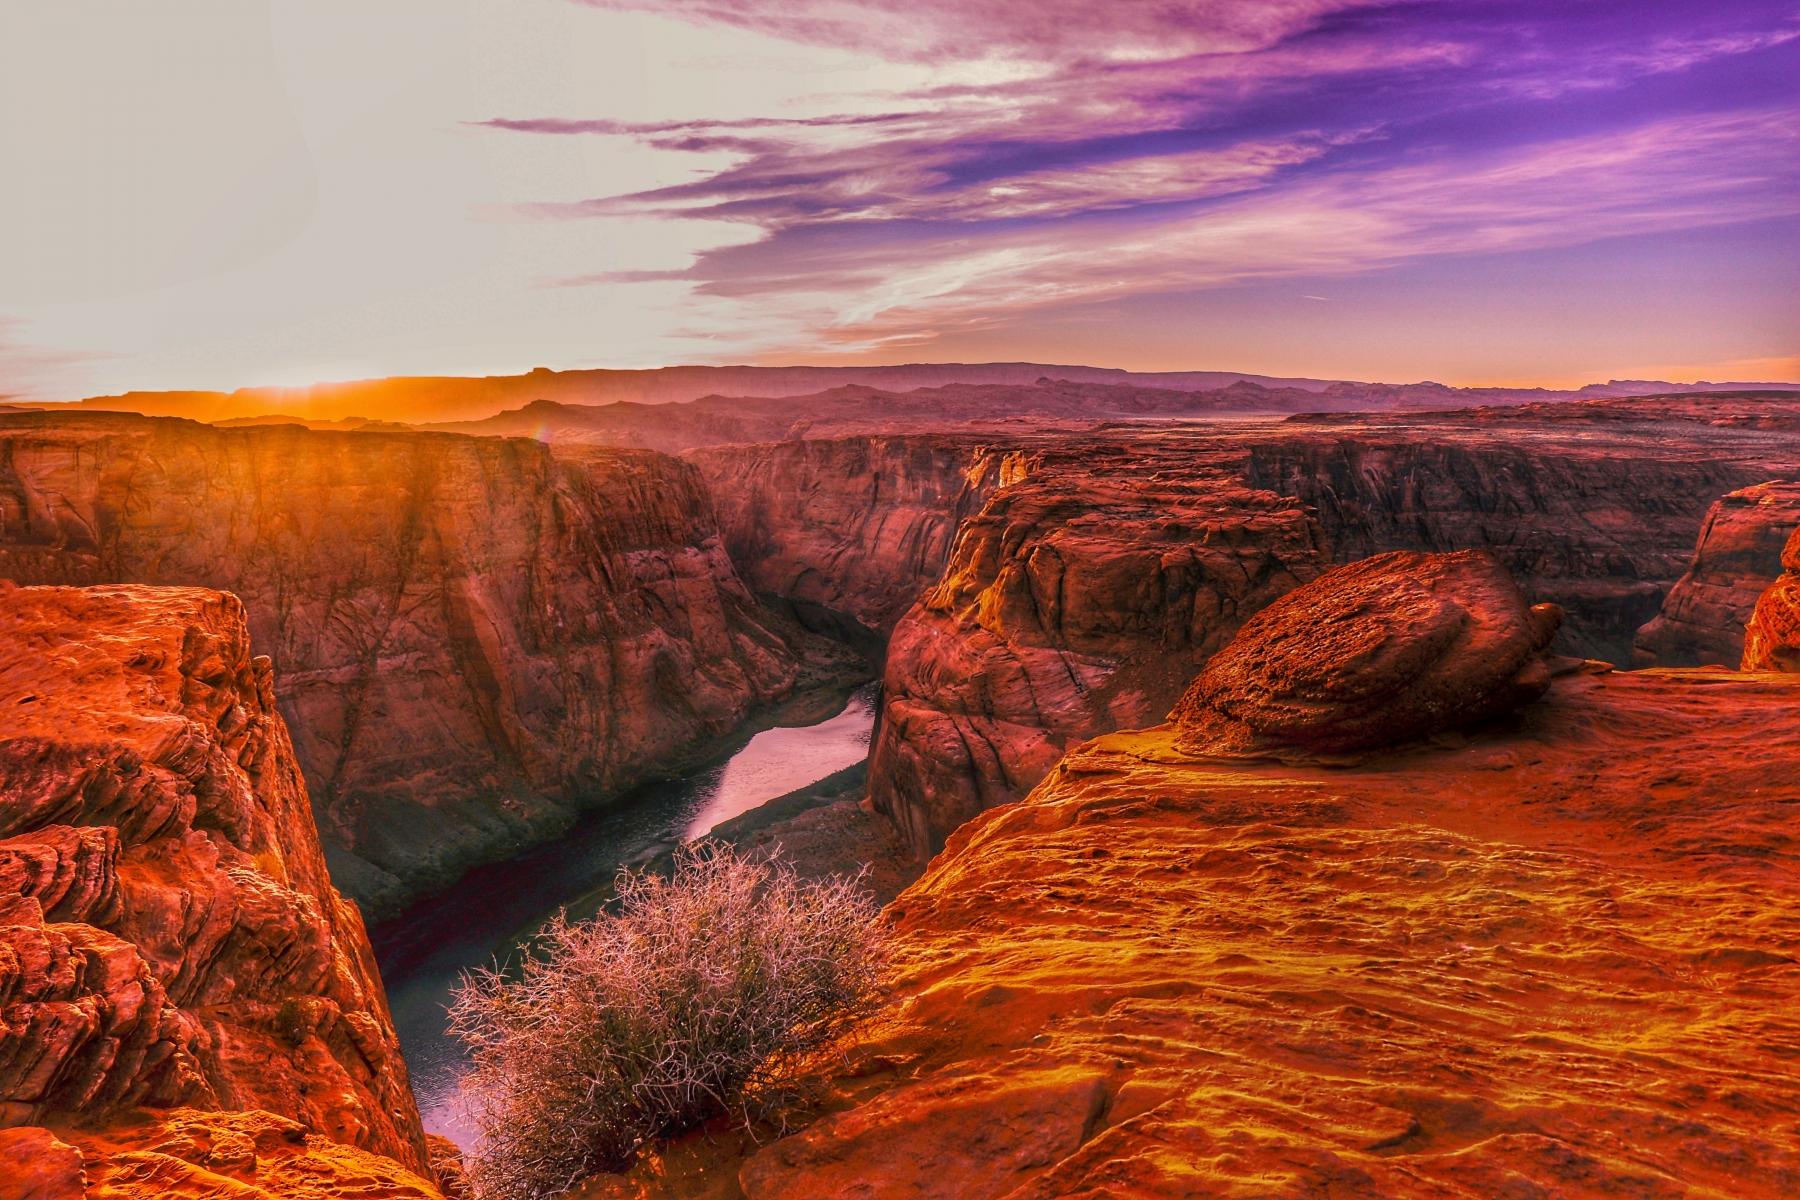 The Colorado River Providing Life in a Desolate Desert